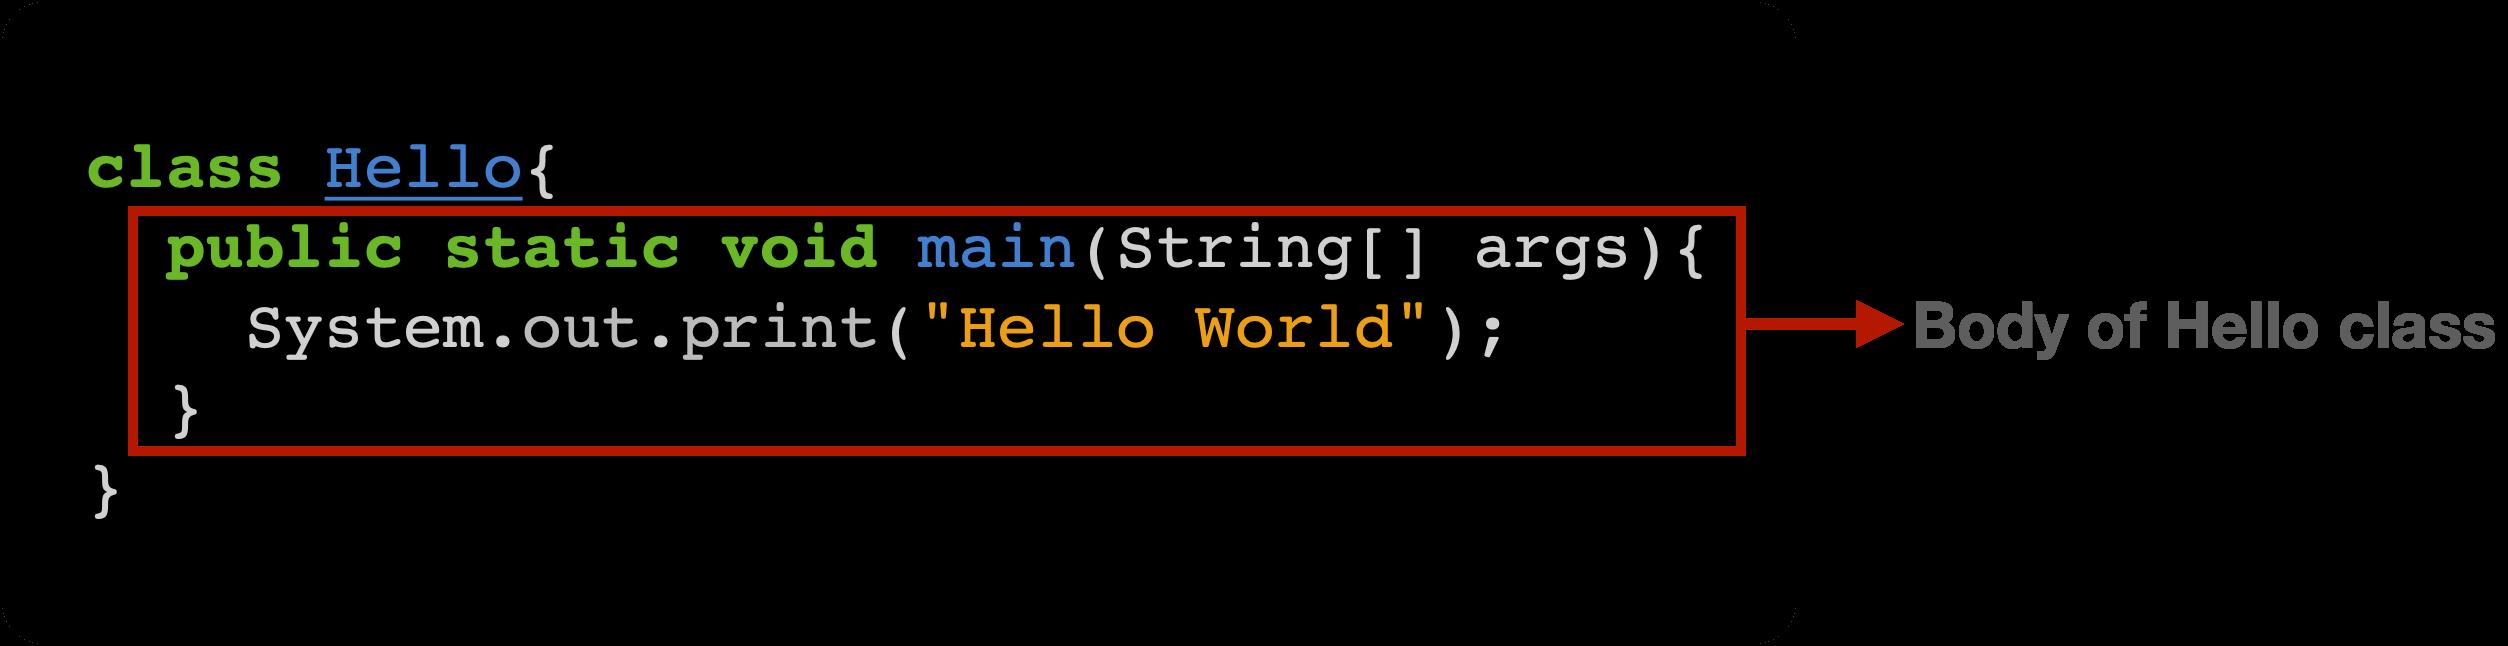 Java Hello World explanation